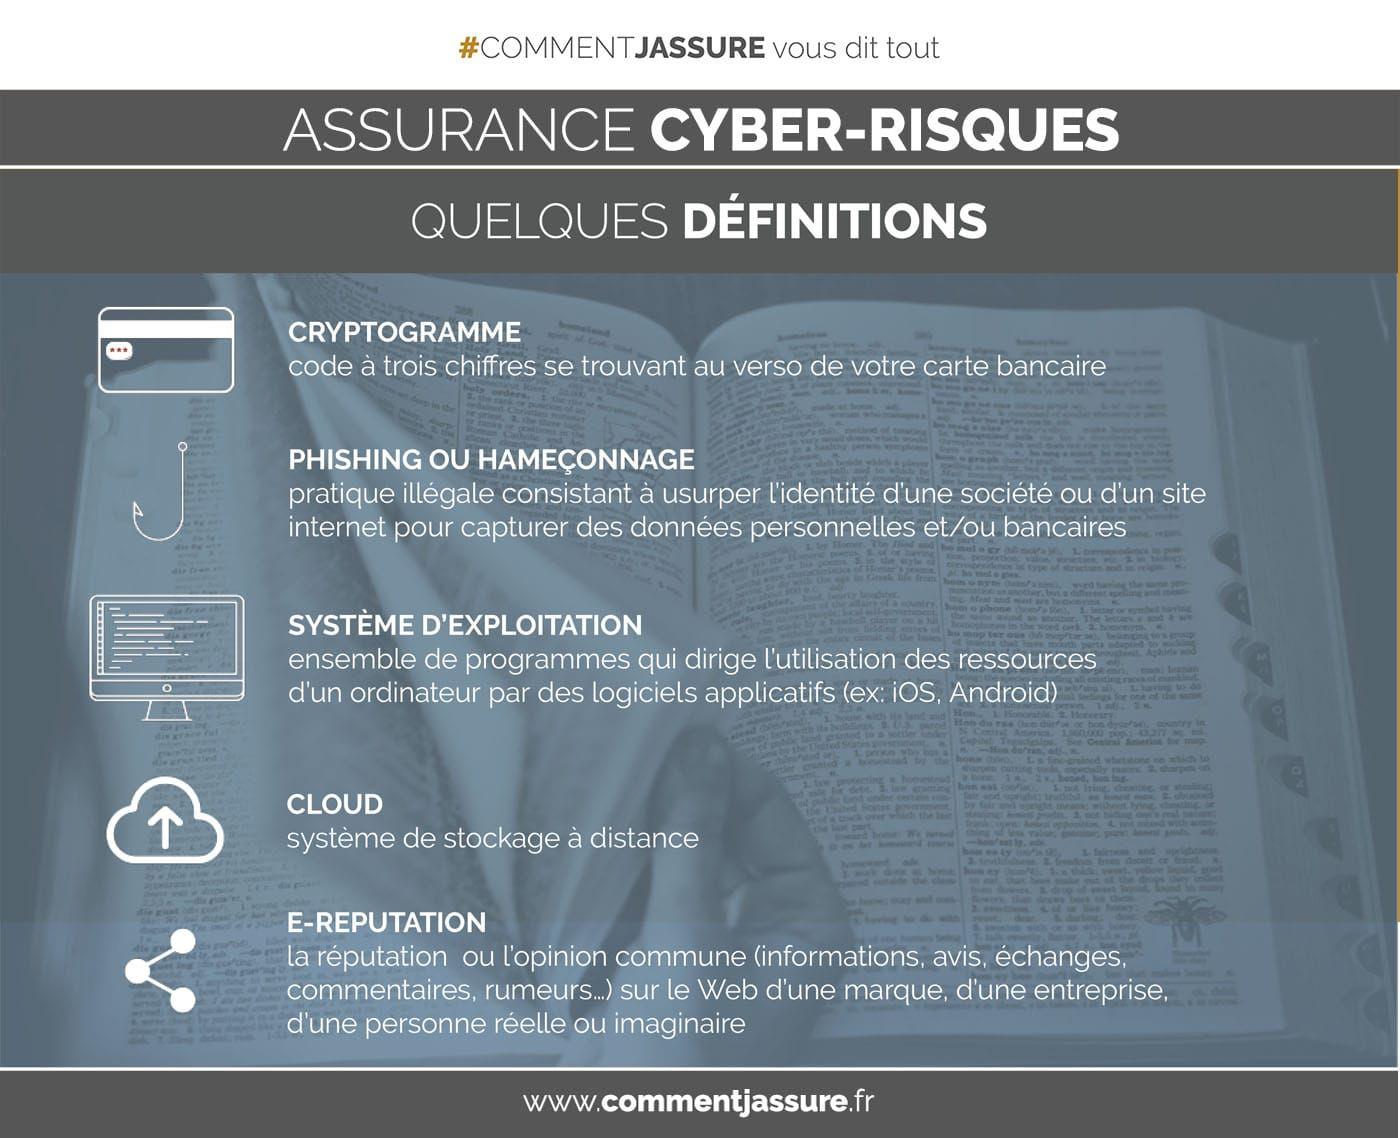 Infographie Assurance Cyber Risques Quelques Definitions